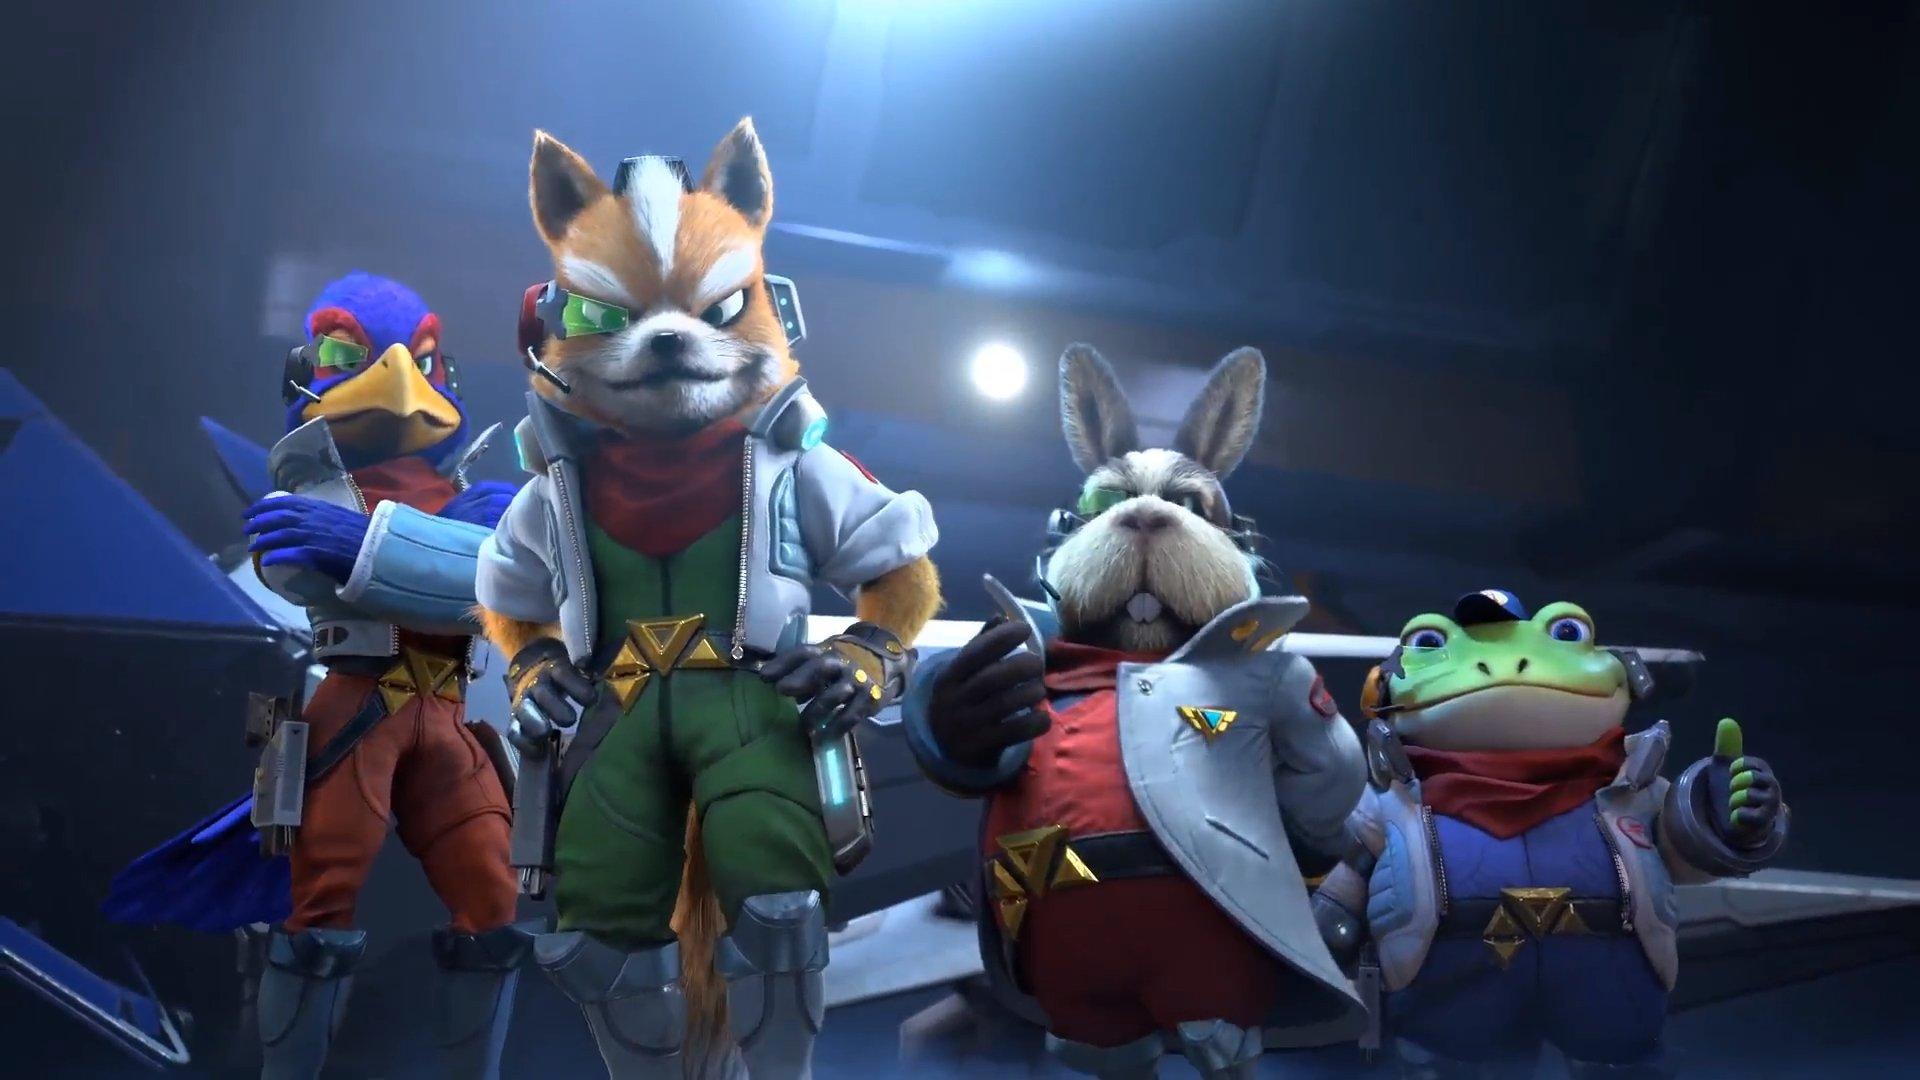 Produtor de Starlink: Battle for Atlas diz que Star Fox estava sendo trabalhado no jogo antes da Nintendo aprovar